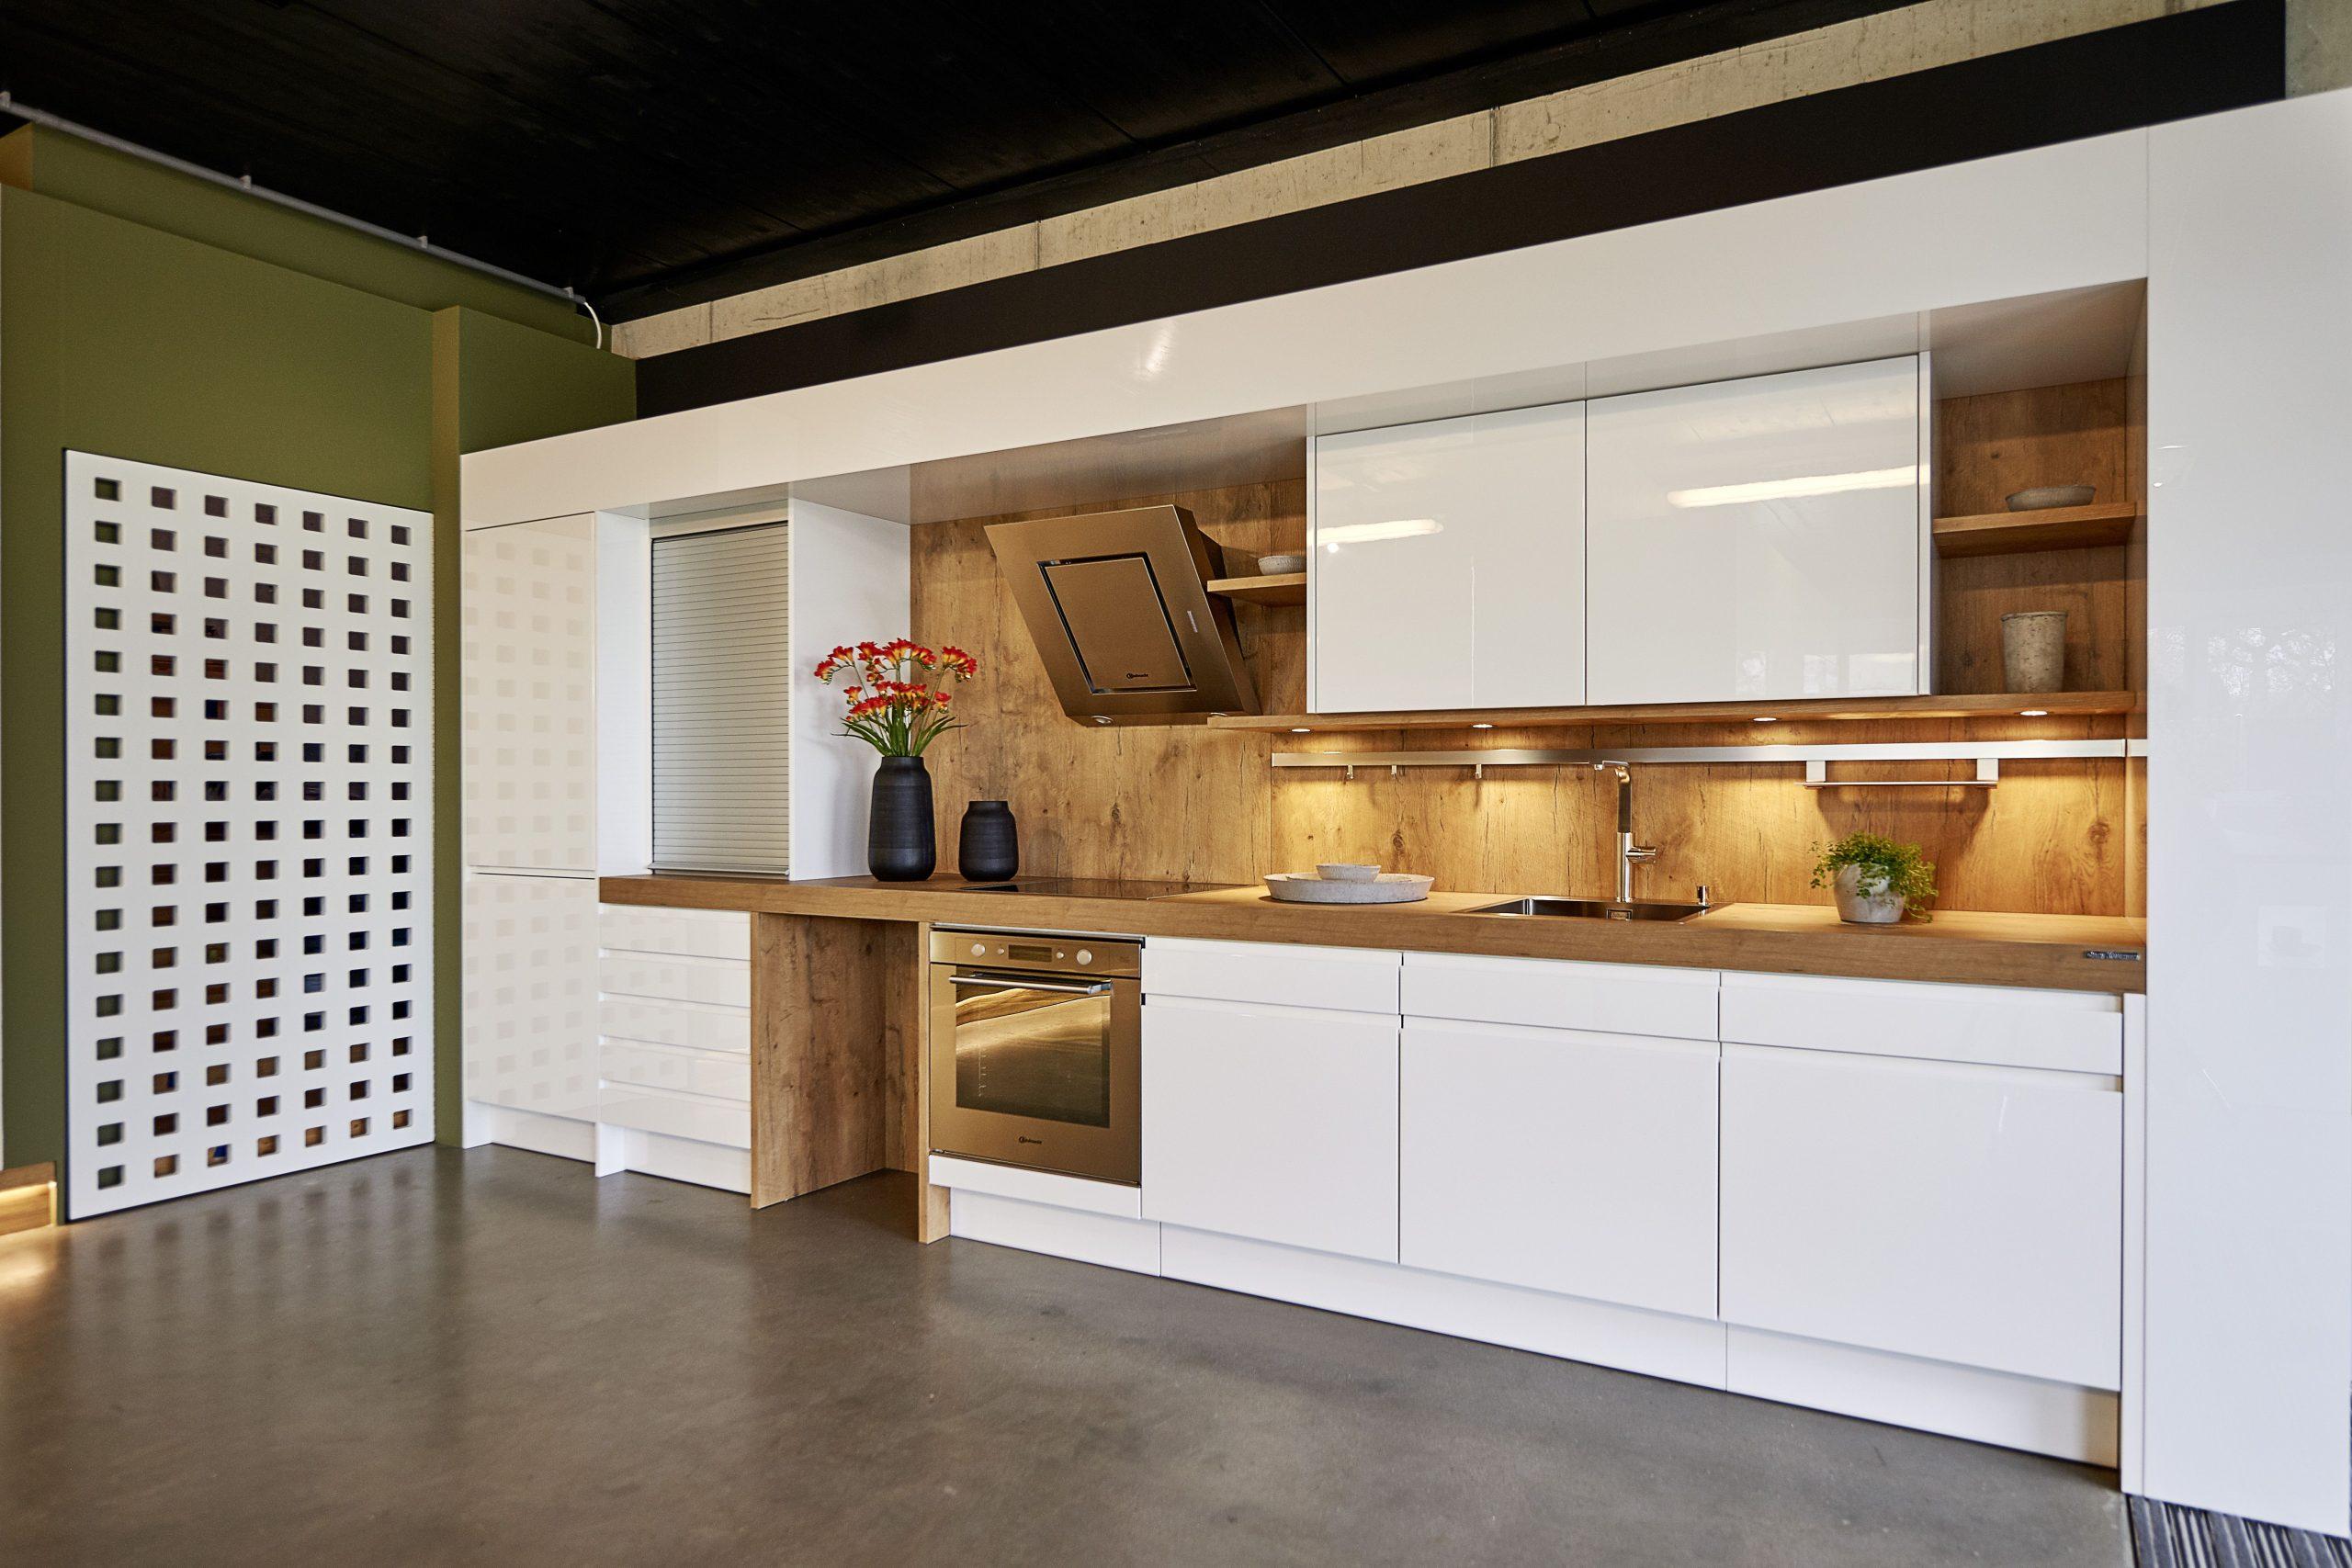 Full Size of Hochglanz Küche Lack Reparieren Graue Hochglanz Küche Hochglanz Küche Lackieren Kaschmir Hochglanz Küche Küche Hochglanz Küche